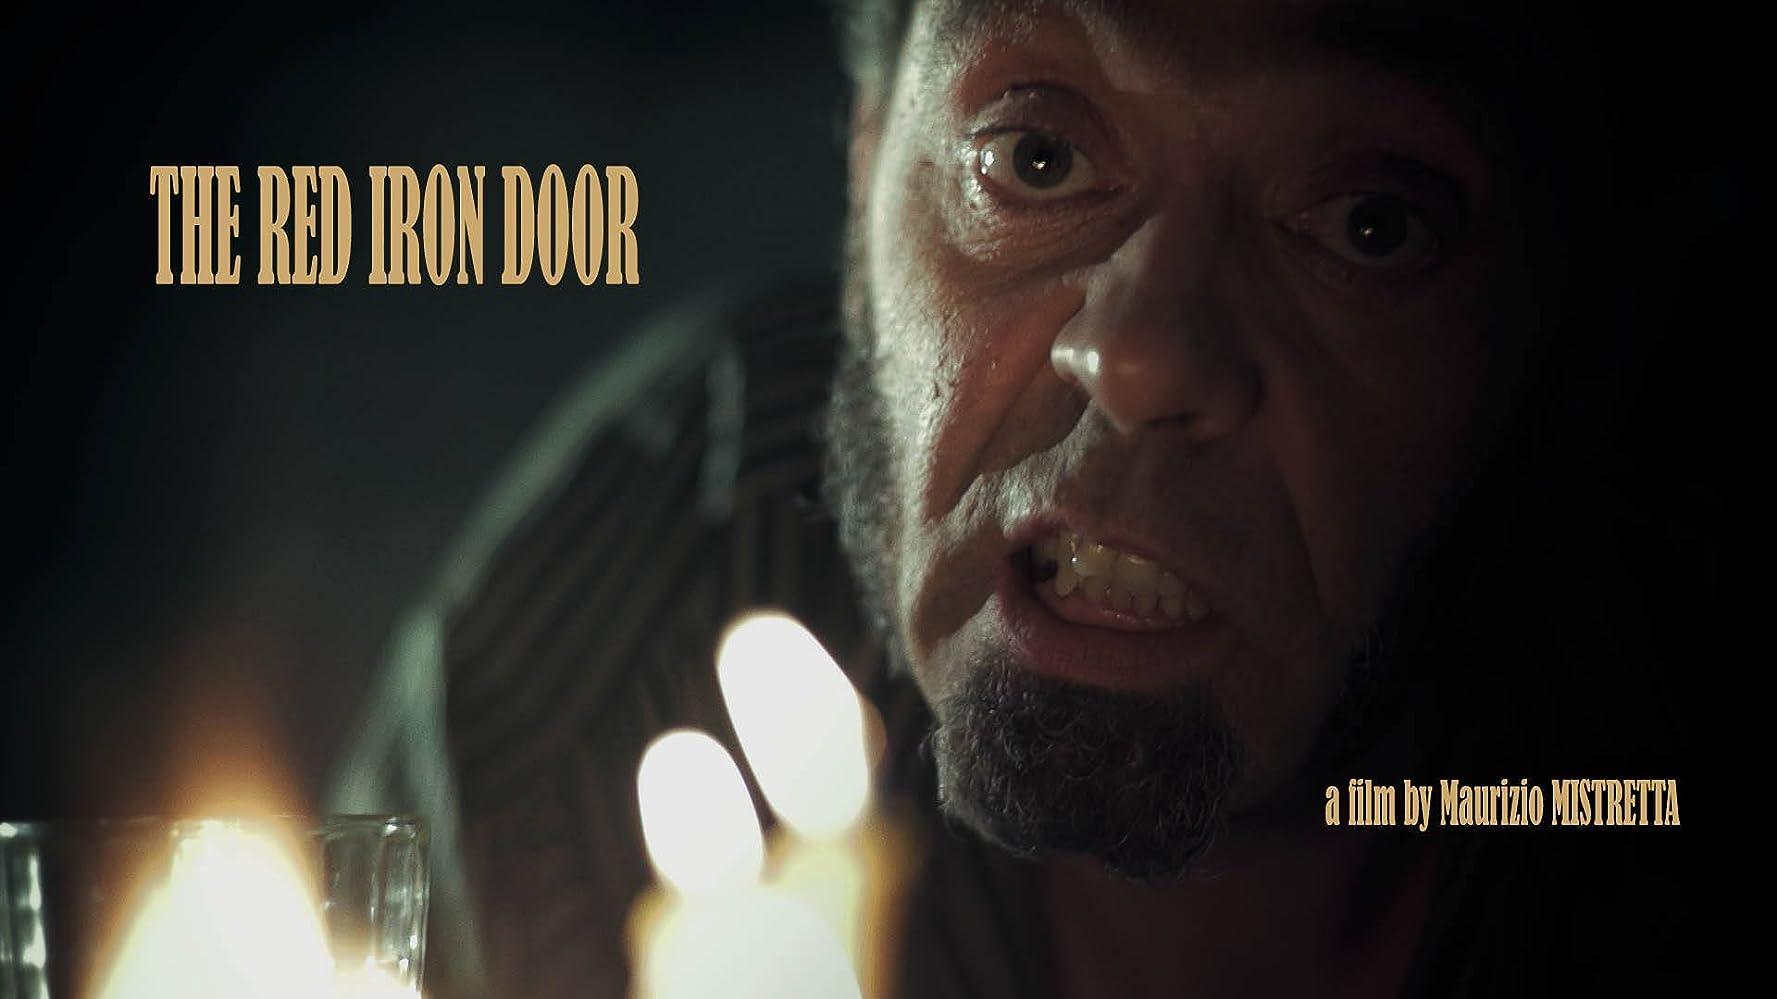 The Red Iron Door 2016